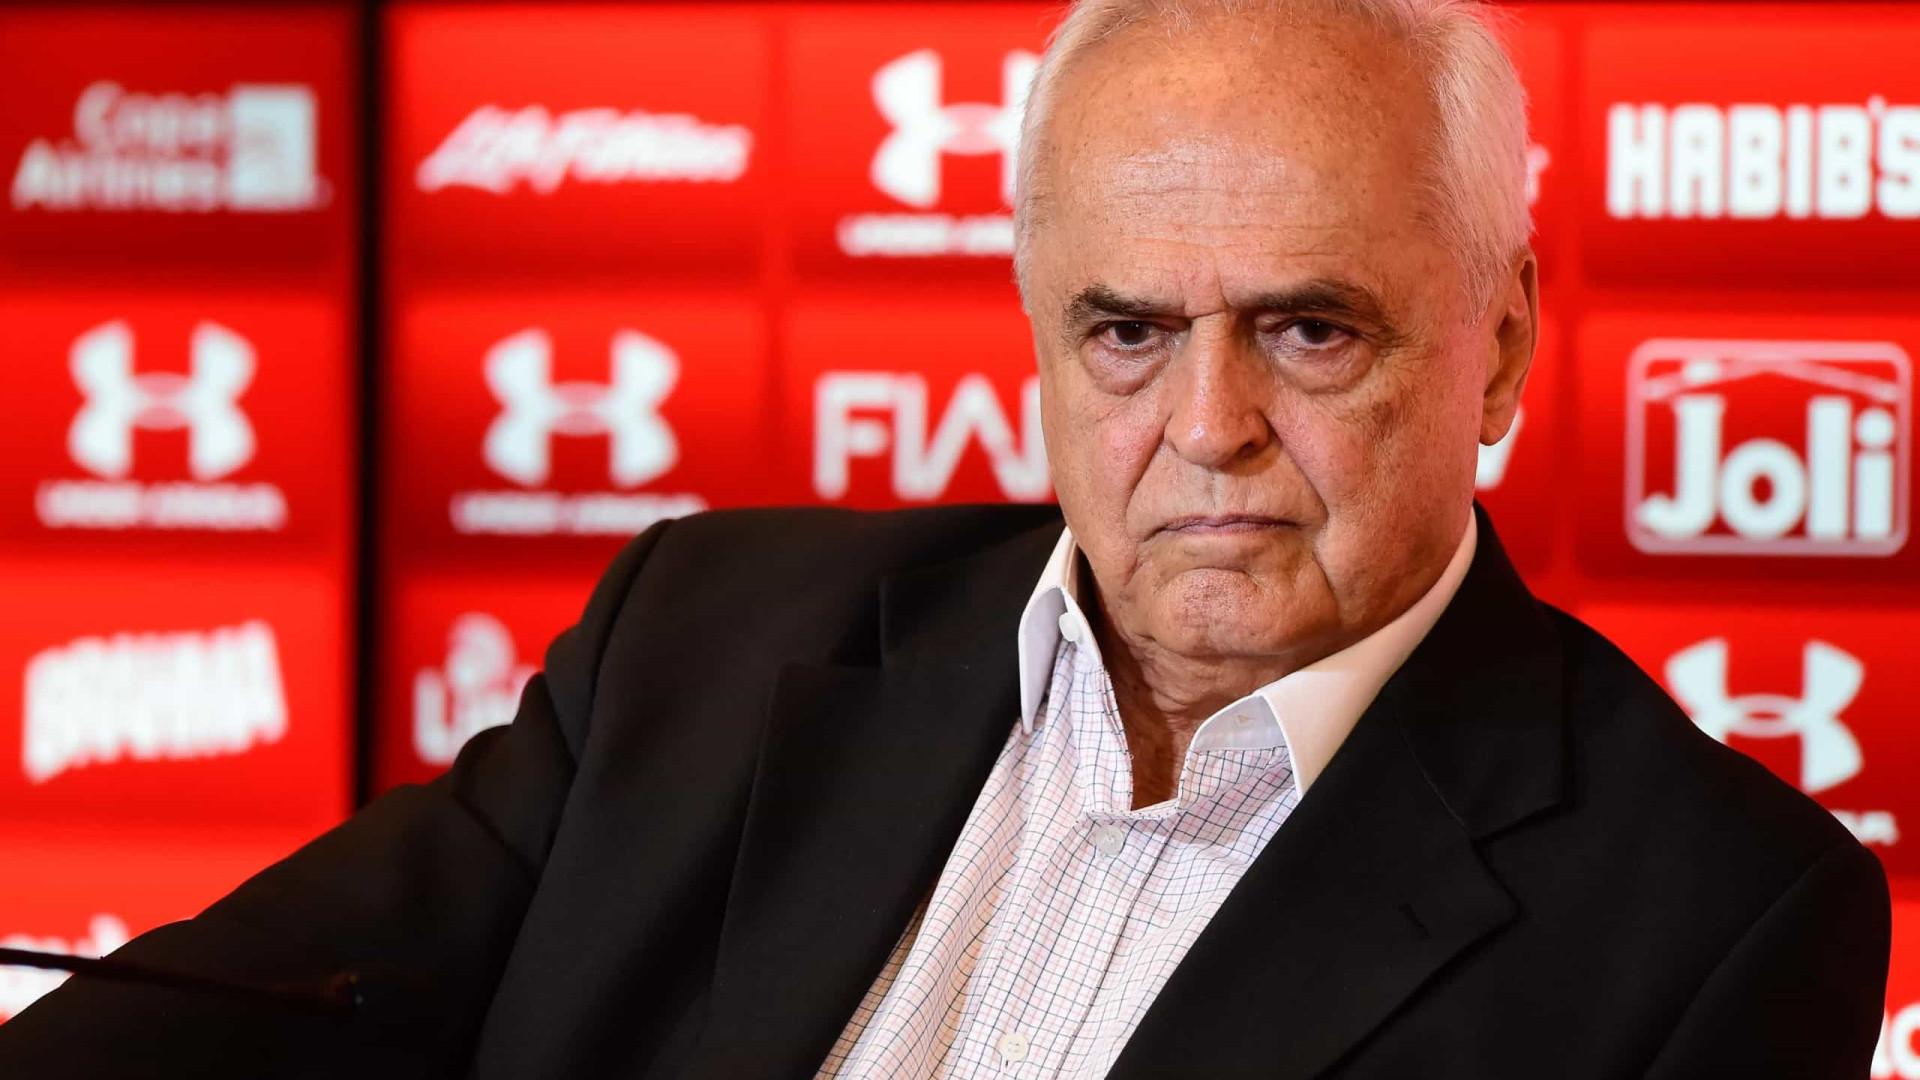 Morre Leco, ex-jogador de futsal do Flamengo, Botafogo e Vasco